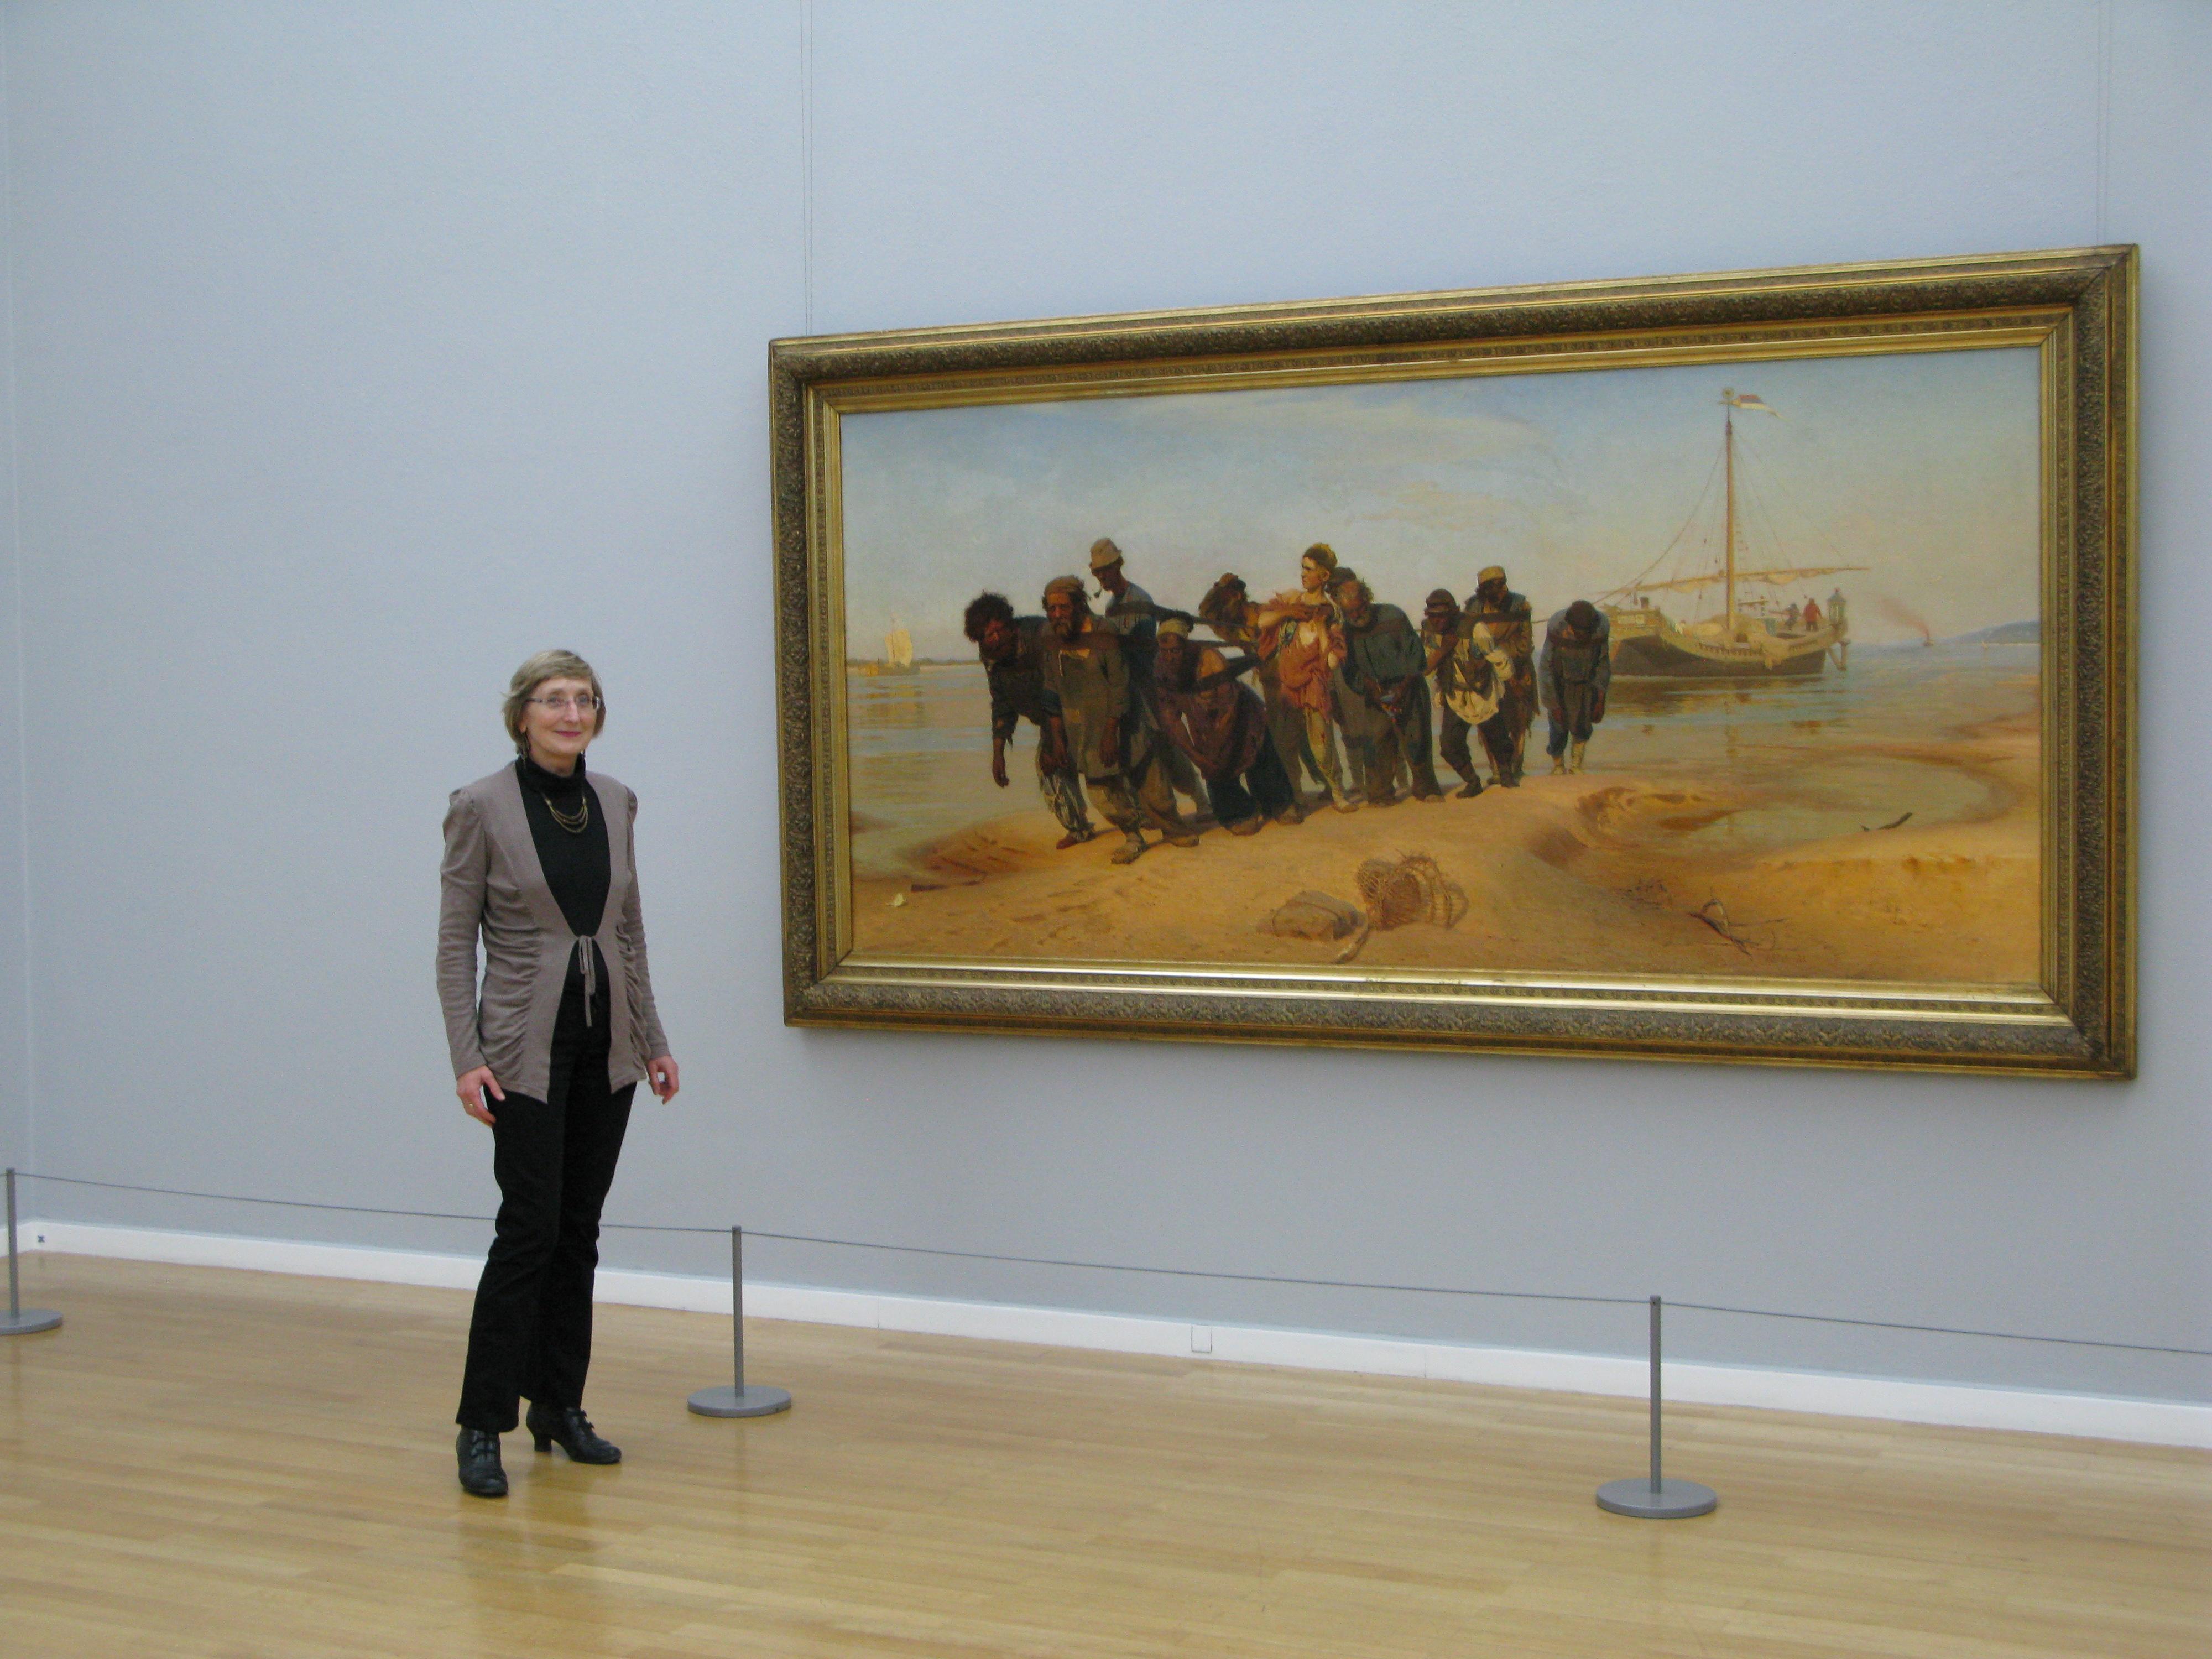 Maler Recklinghausen eröffnungsrede und vortrag zur ausstellung die peredwischniki